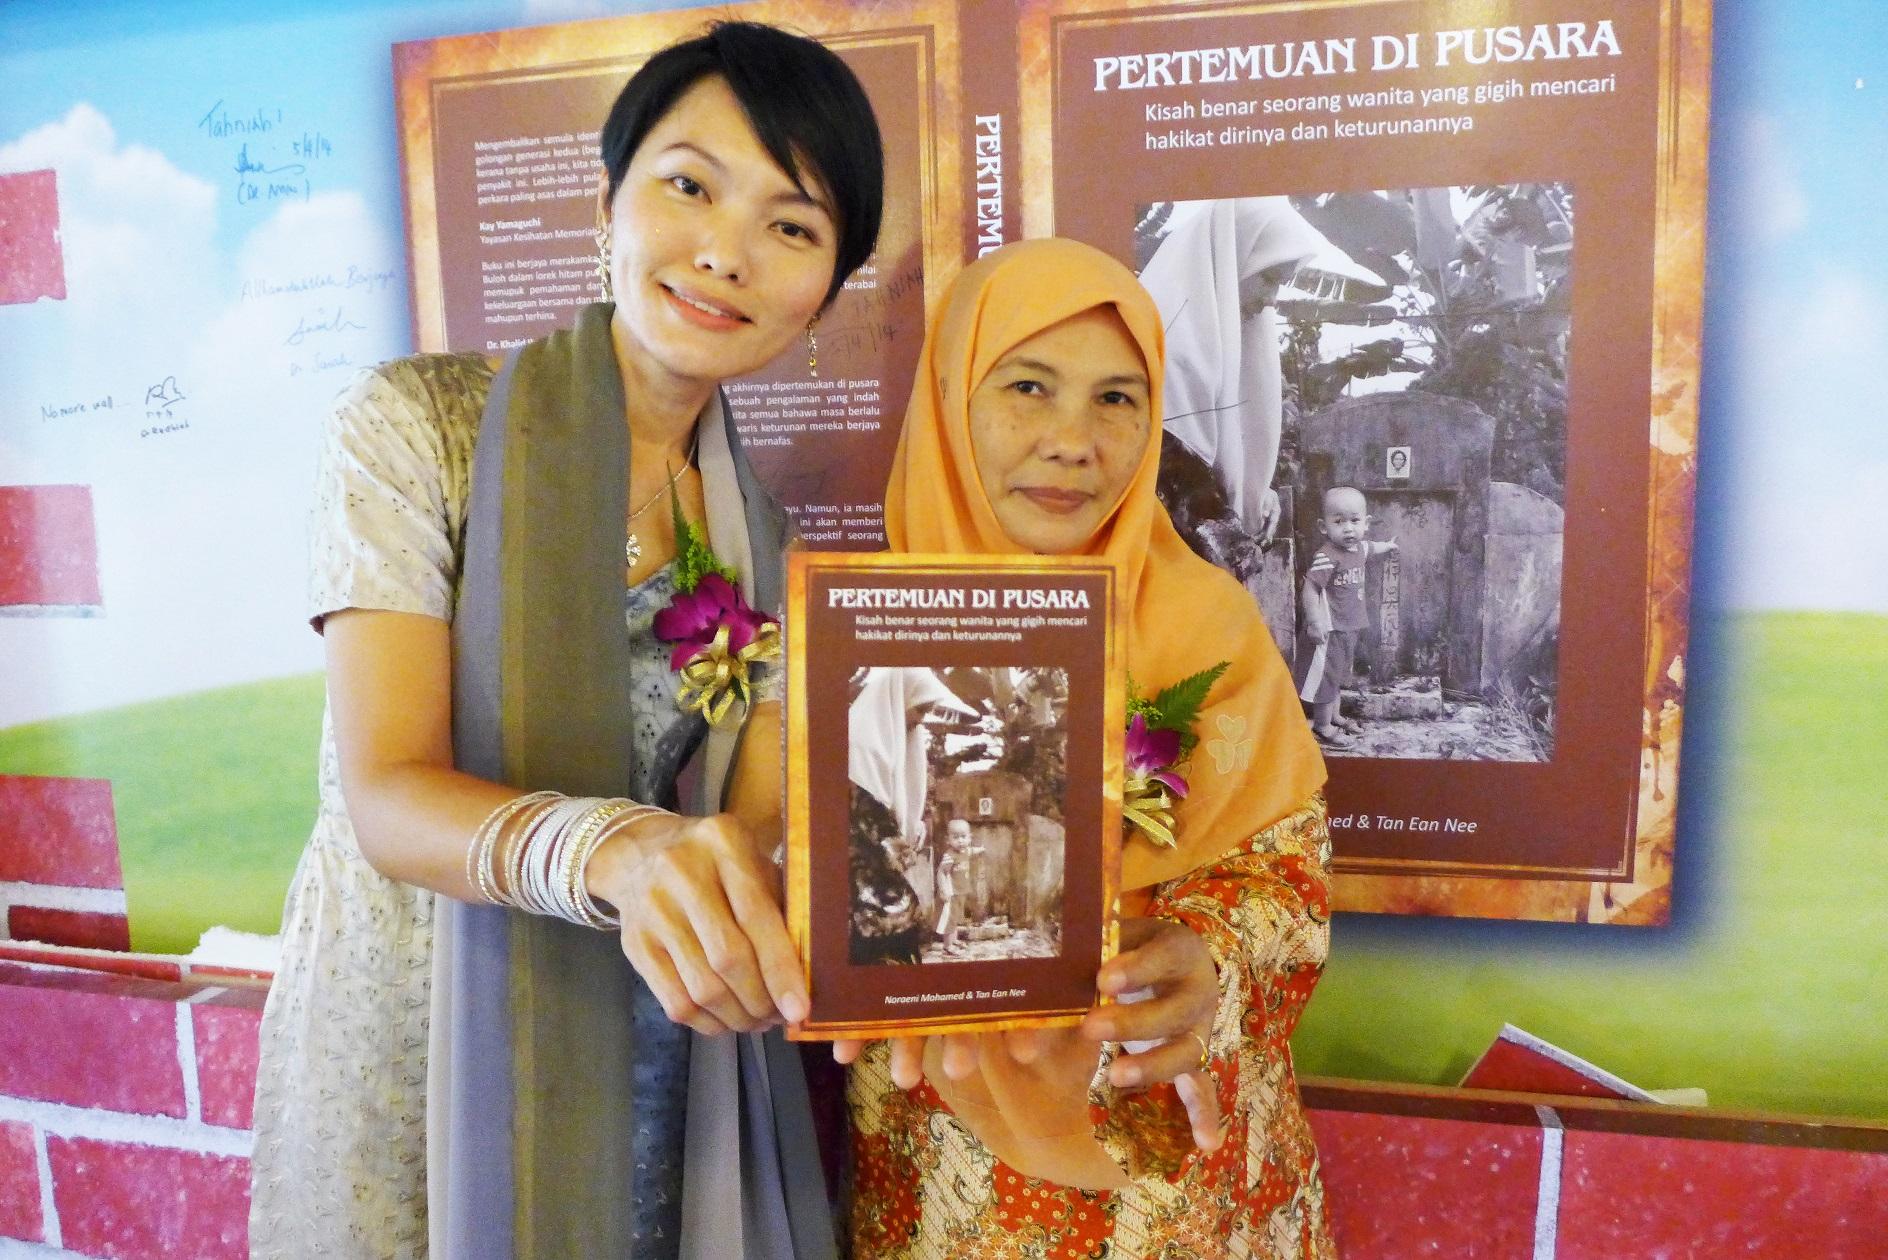 由诺莱尼和陈彦妮合著的马来文版《相遇在坟场》于  2014  年出版。(陈彦妮 摄)